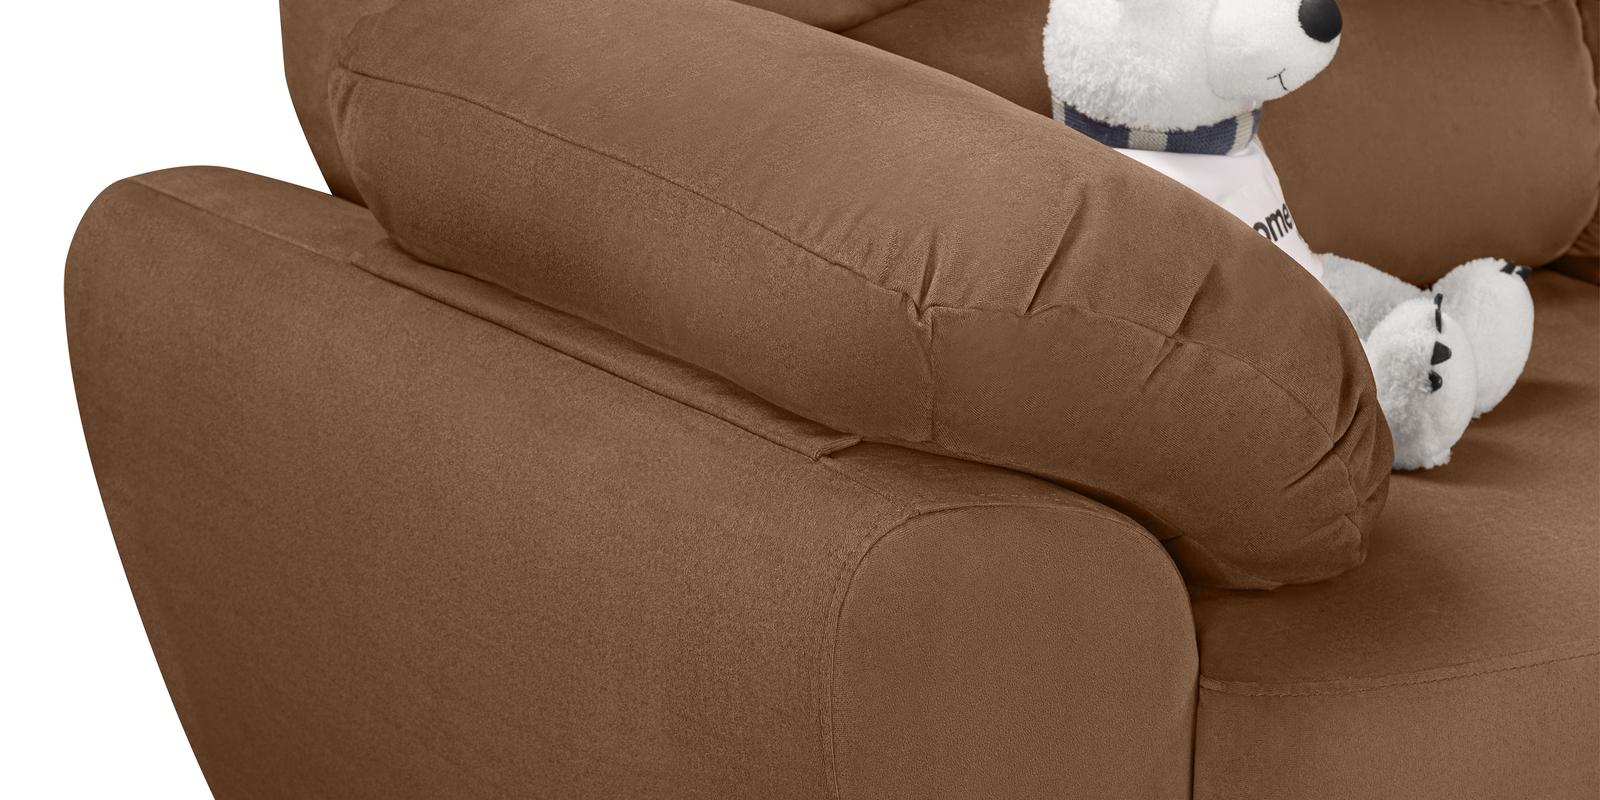 Диван тканевый угловой Эвита Velure коричневый (Велюр, левый)